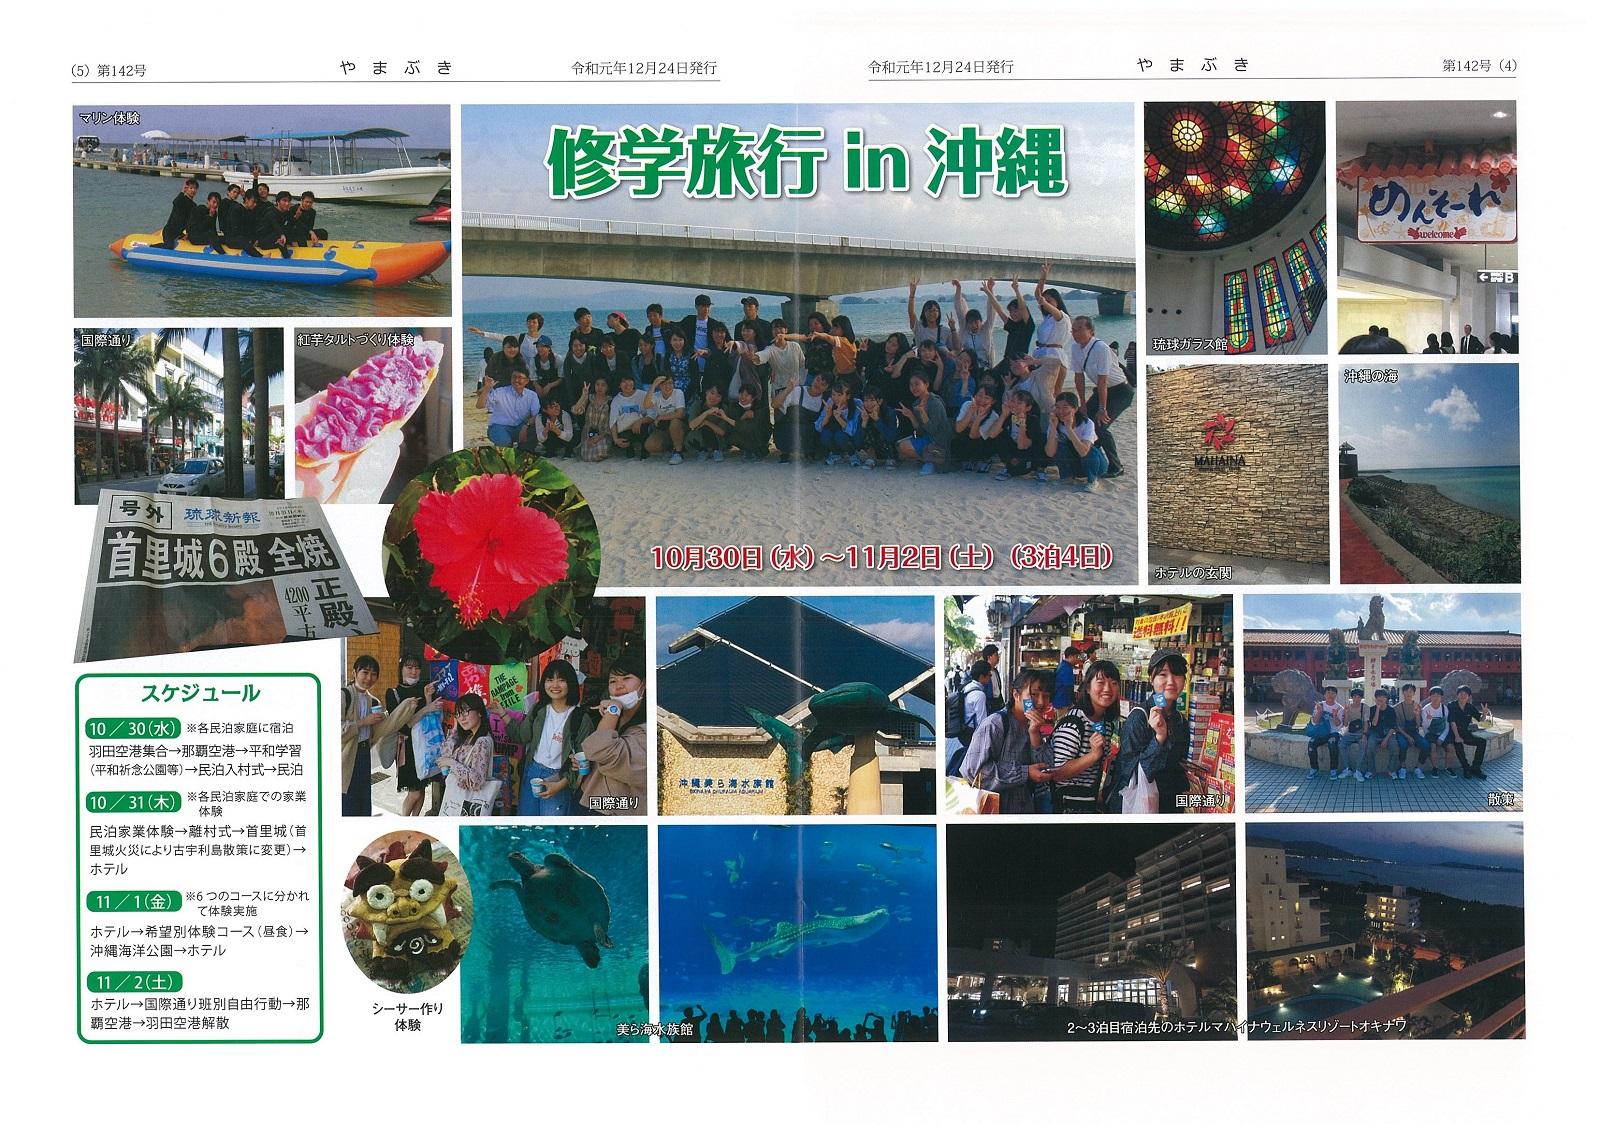 やまぶき第142号(令和元年12月24日発行)4・5ページ